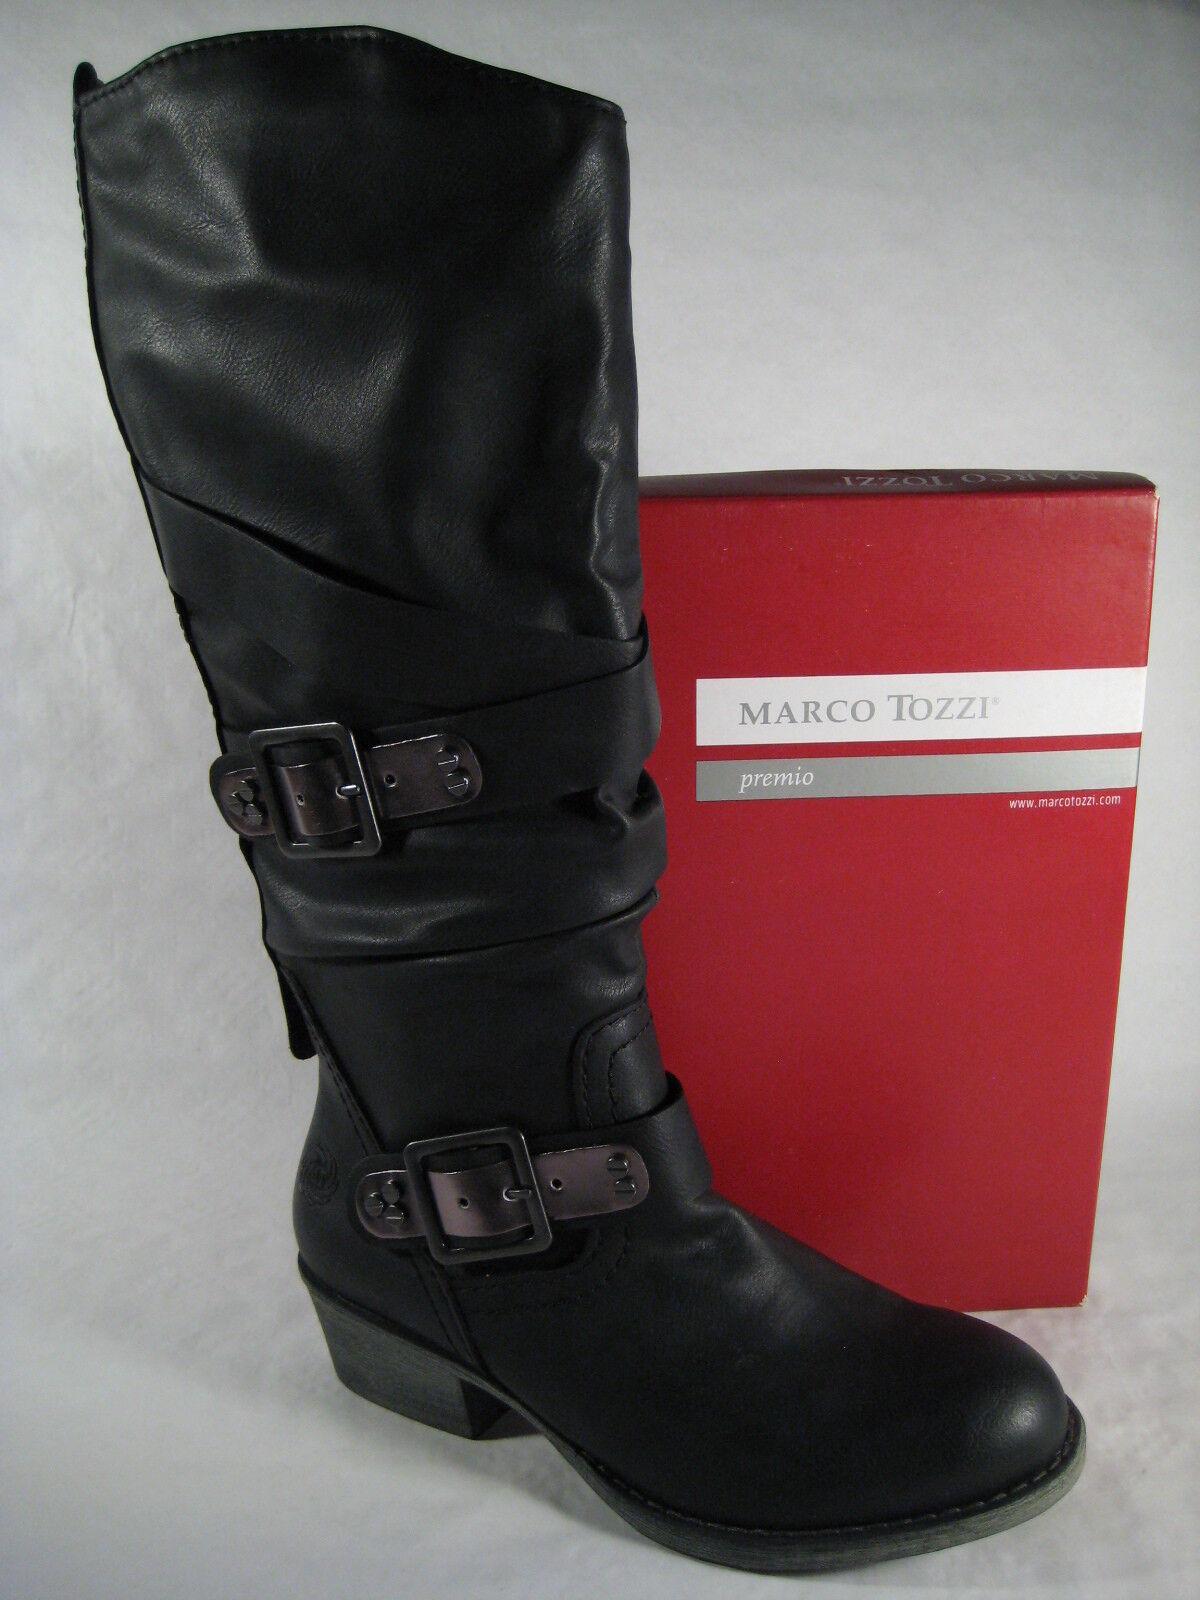 Marco Tozzi Botas, Botines, botas de invierno negro, Forrado 25506 NUEVO